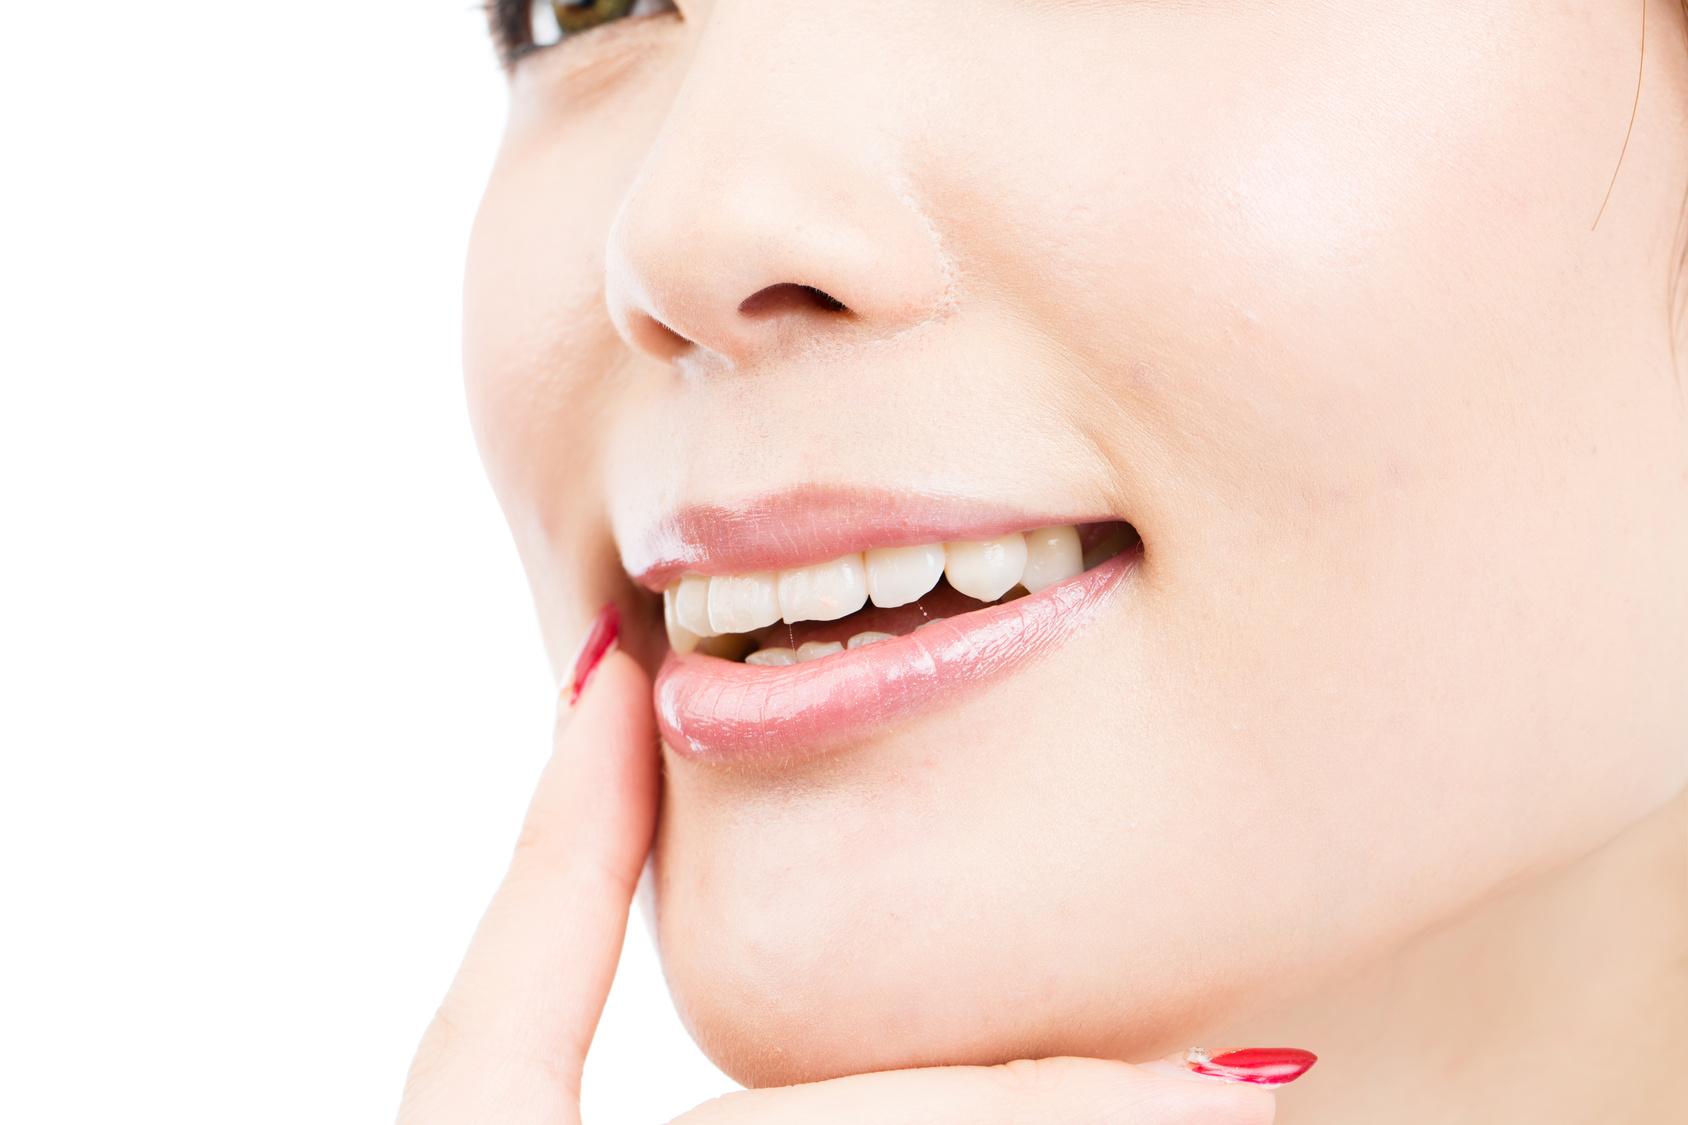 白くて健康、きれいに整った歯で成功する!?